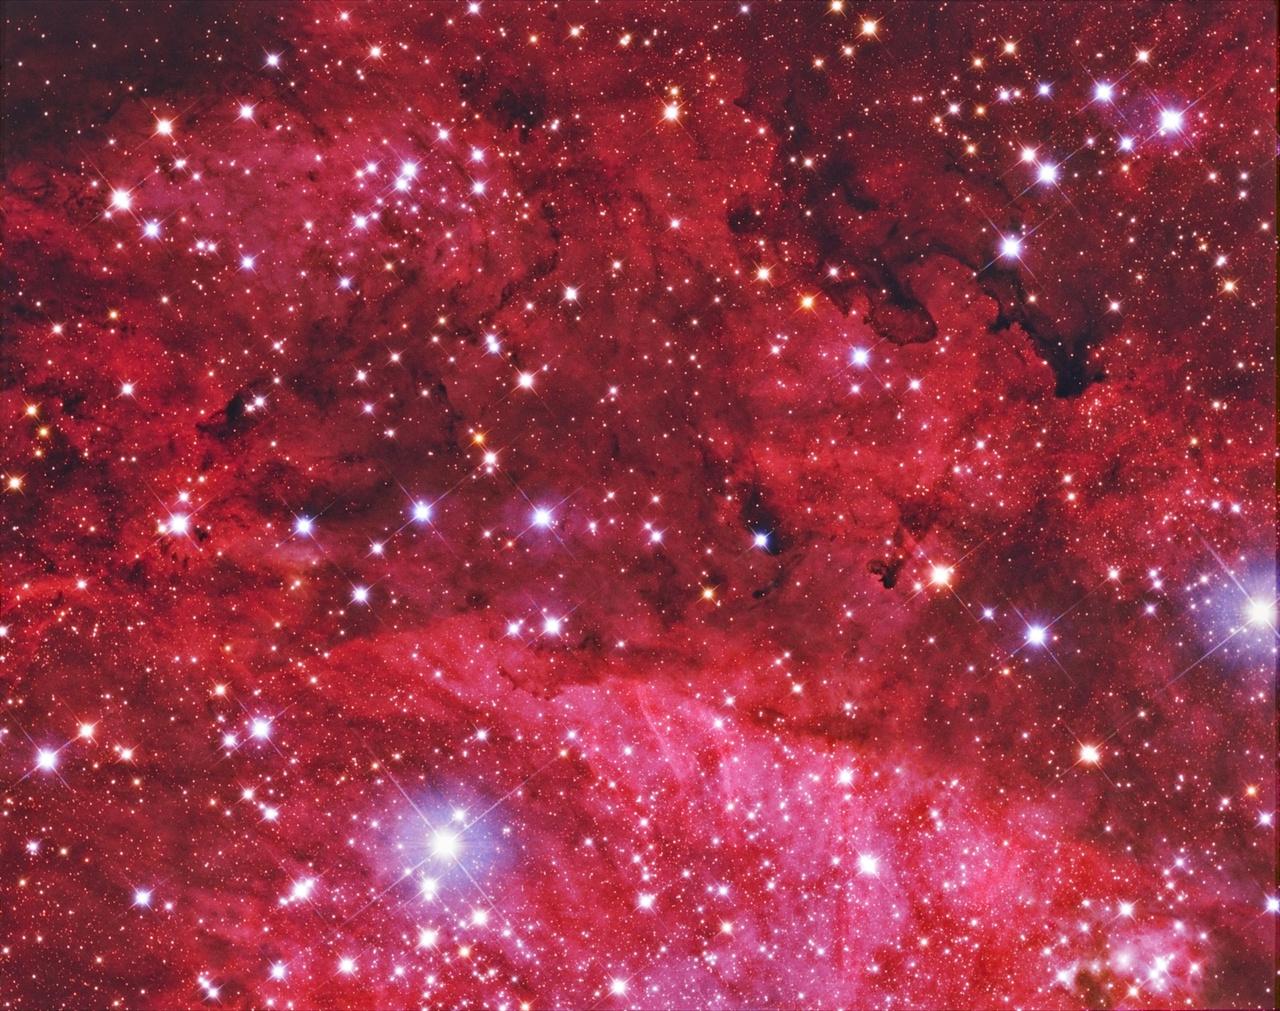 Egy másik nyári Tejút-részlet. A hosszú expozíciós felvétel megmutatja nekünk galaxisunk teljes részletességét és színeit.